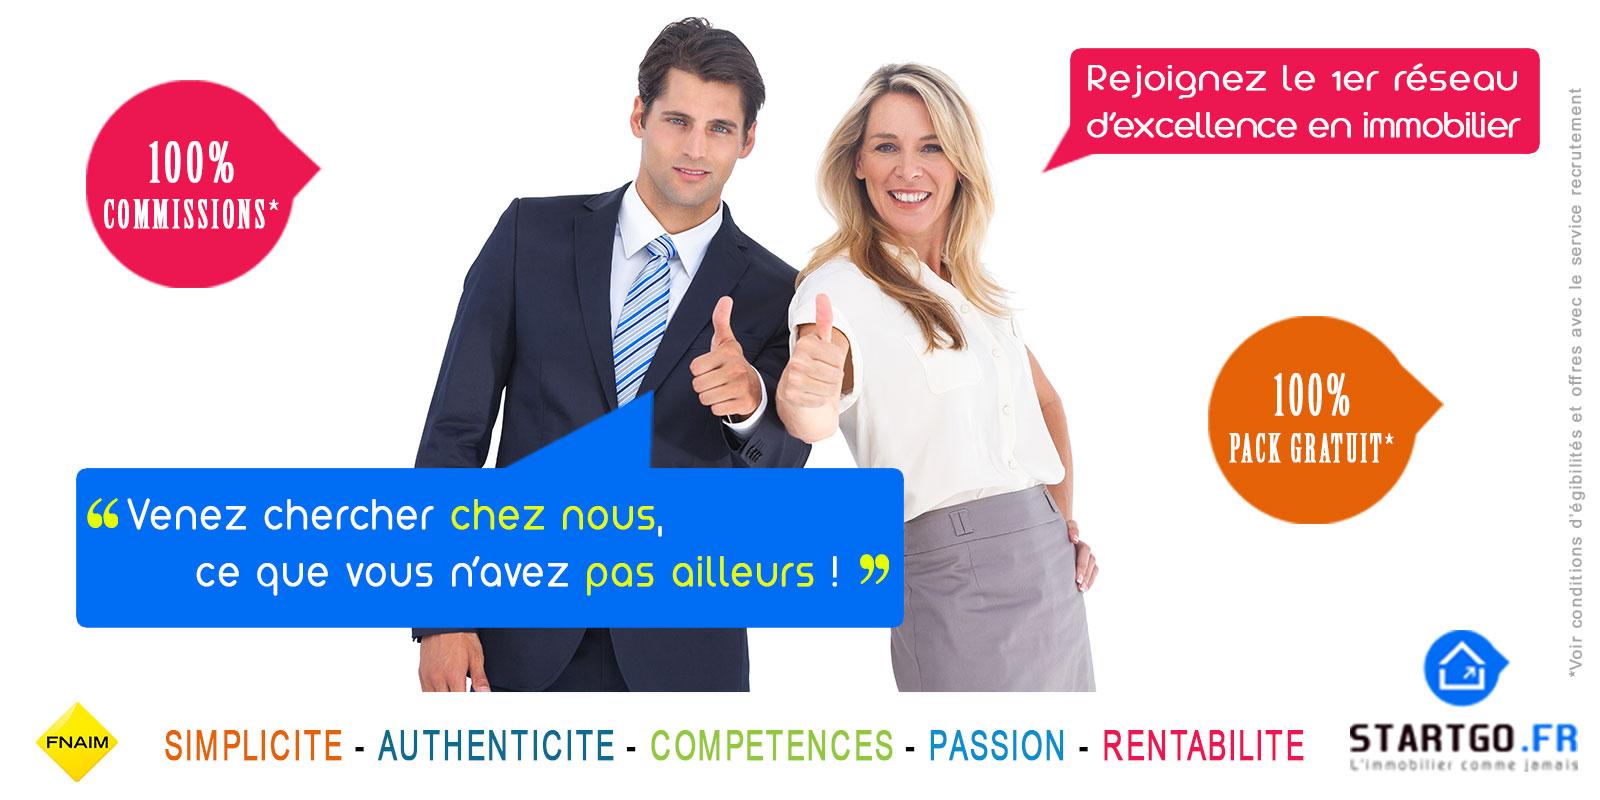 Rejoignez L'excellence et faites carrière dans L'immobilier recrute H/F